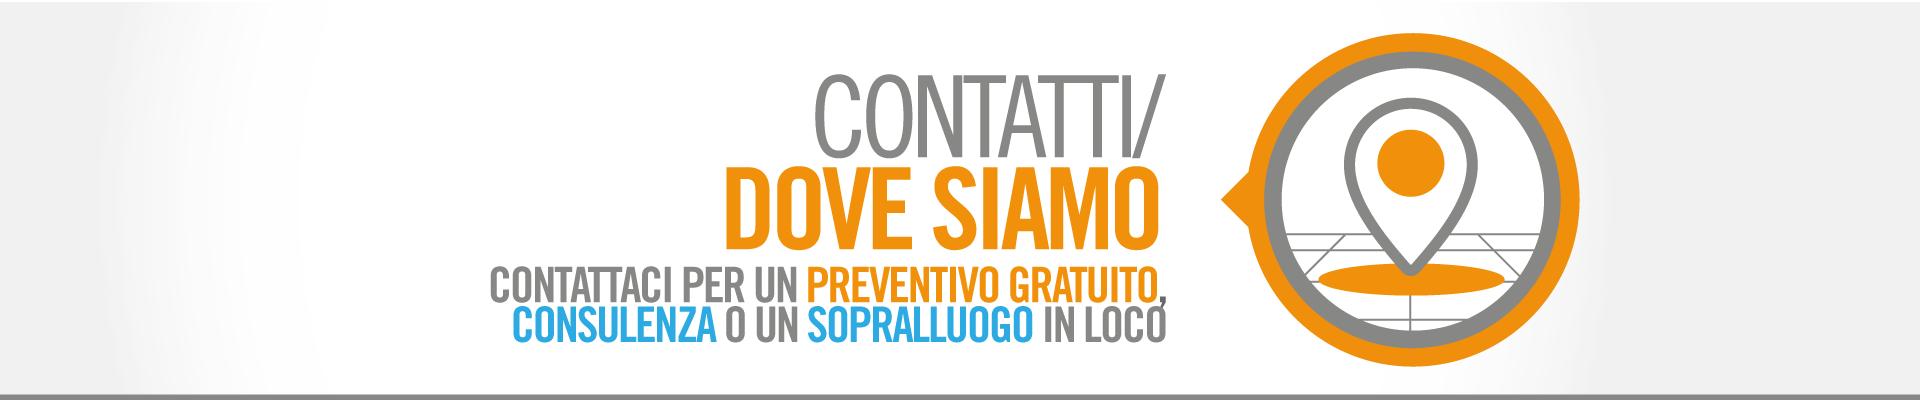 banner_contatti2